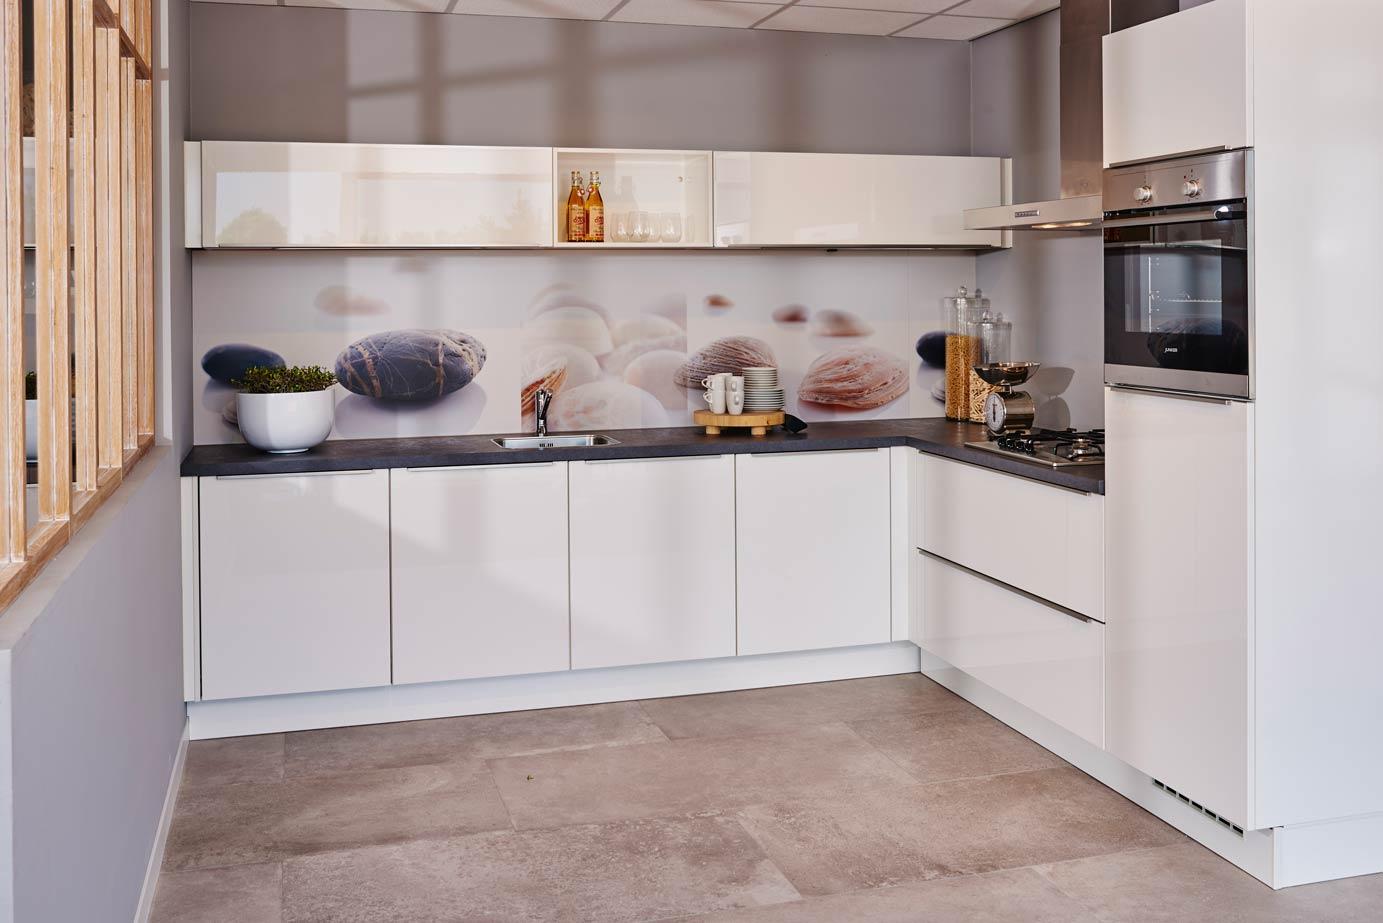 Keurmerken Van Keukenzaken : Moderne decoratie keurmerken van keukenzaken trendy bode with